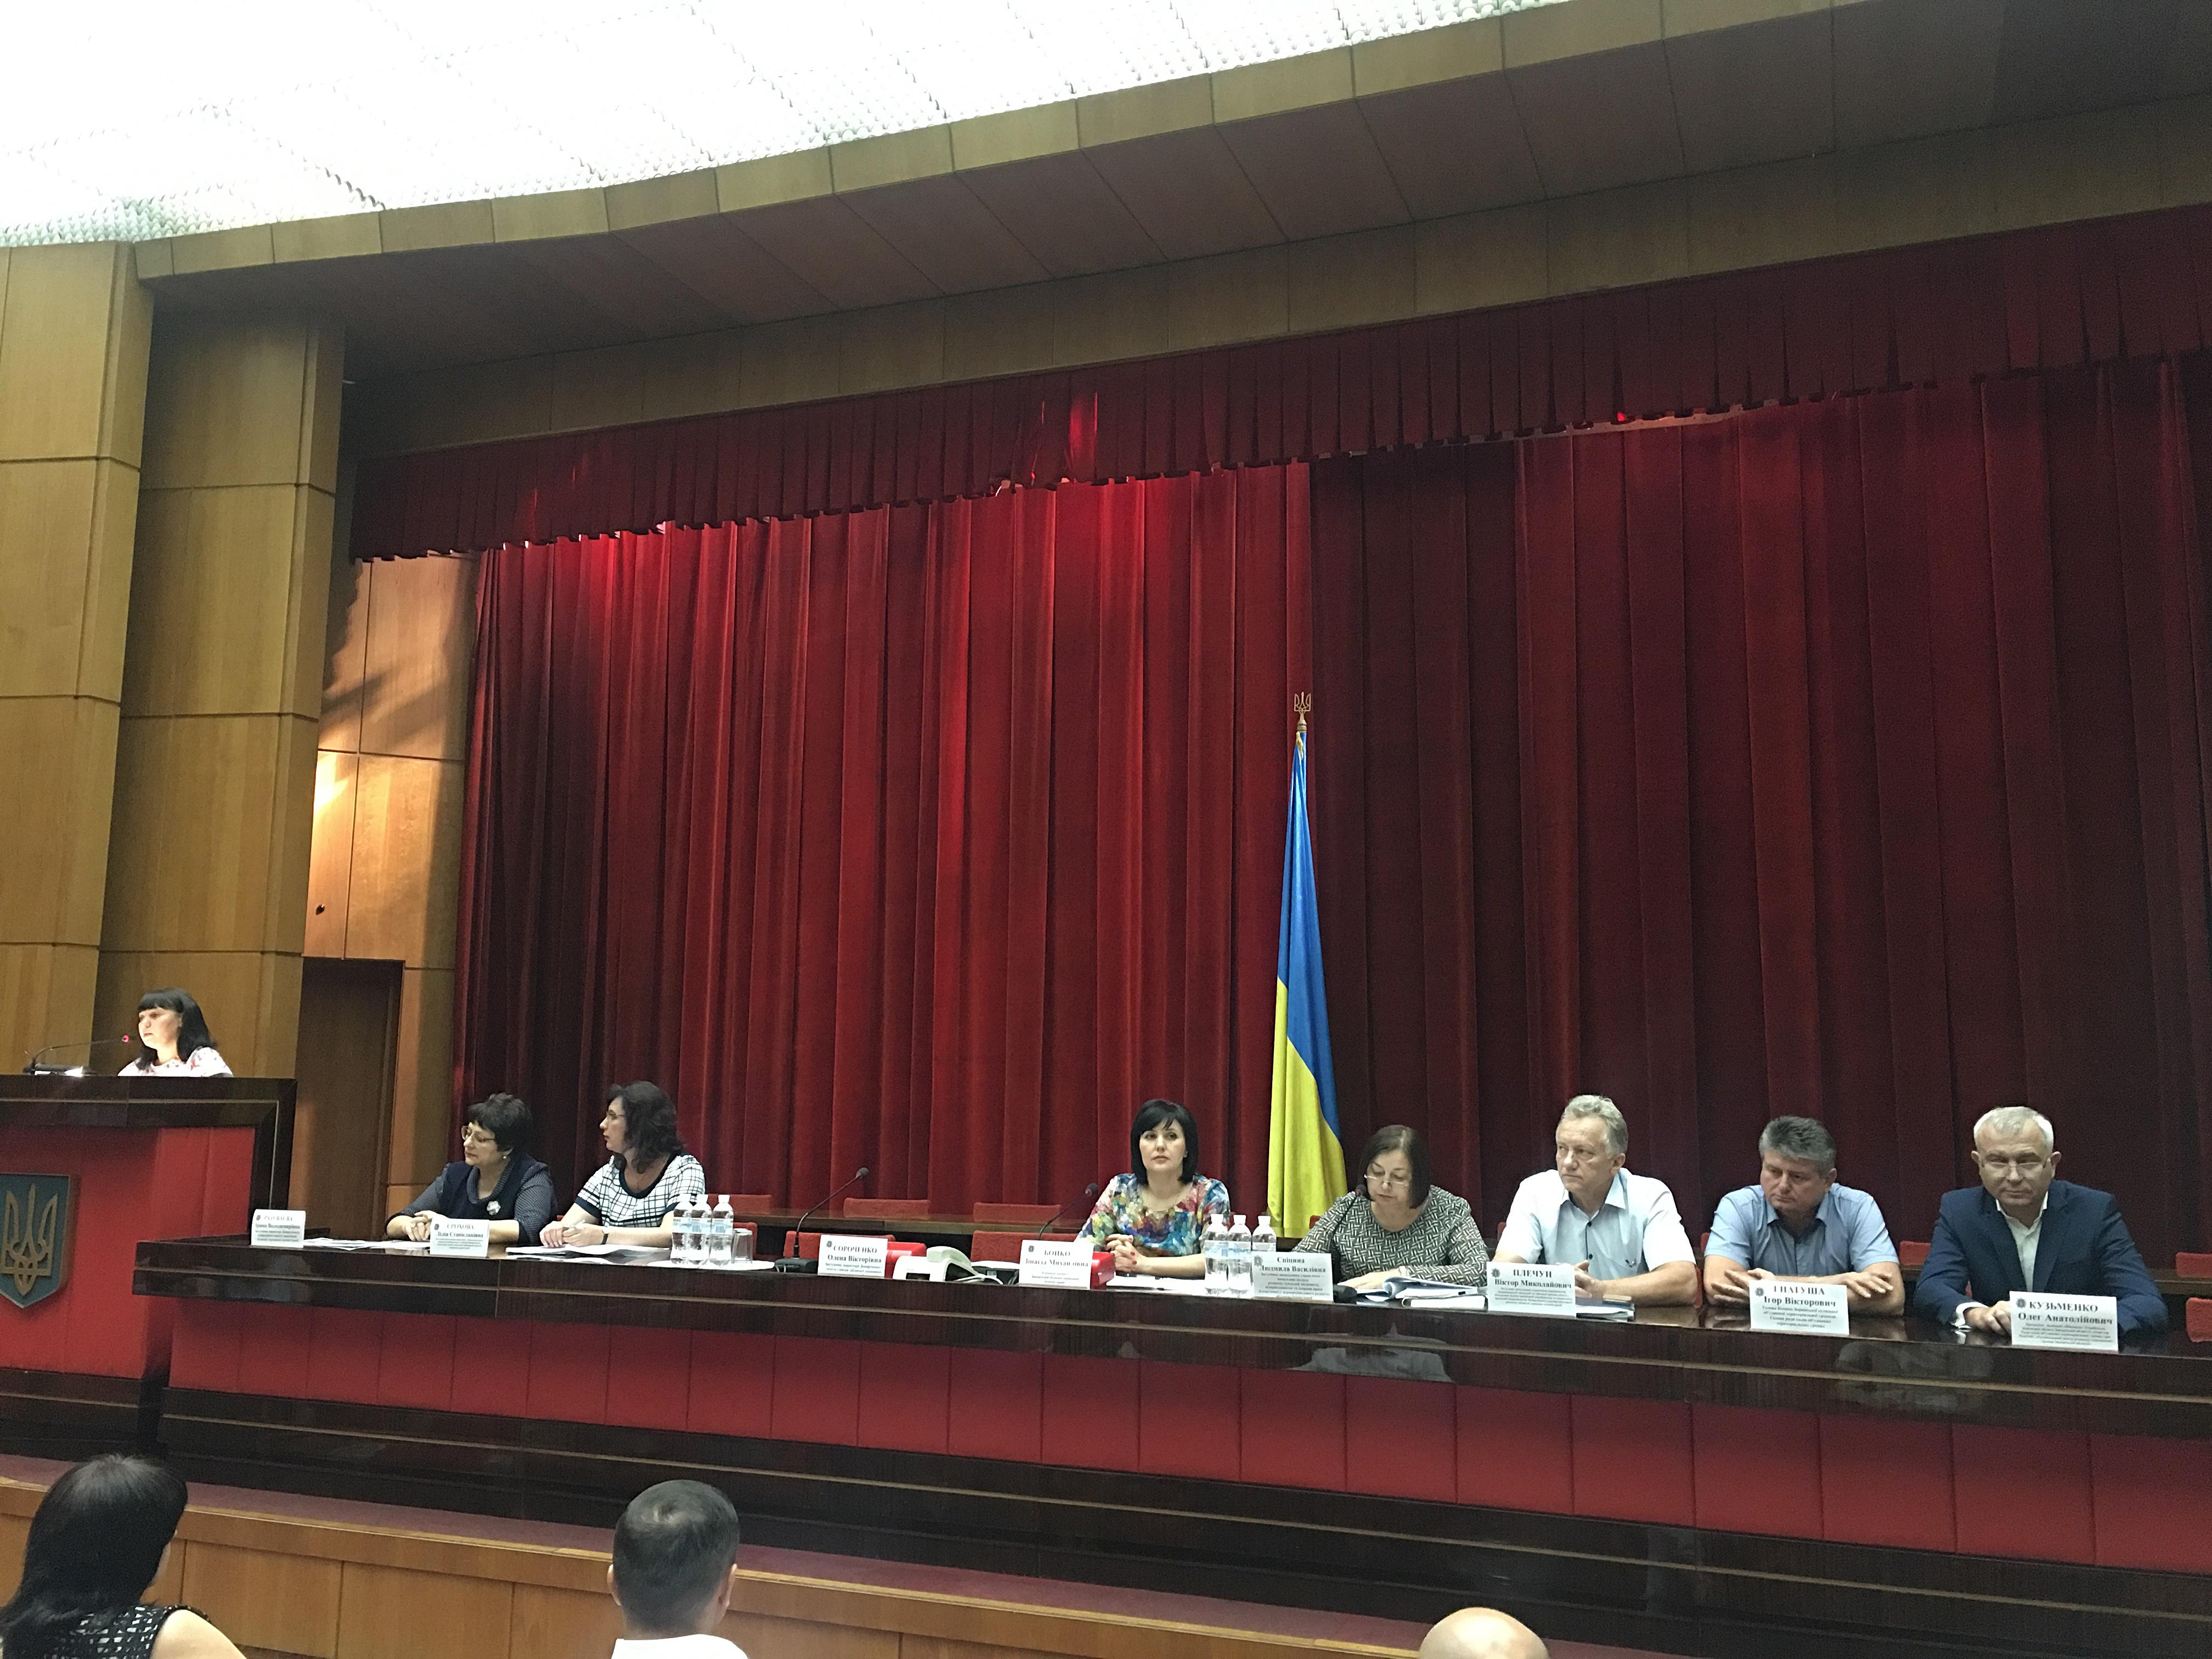 У Запоріжжя анонсували про організацію масштабного Конгресу громад